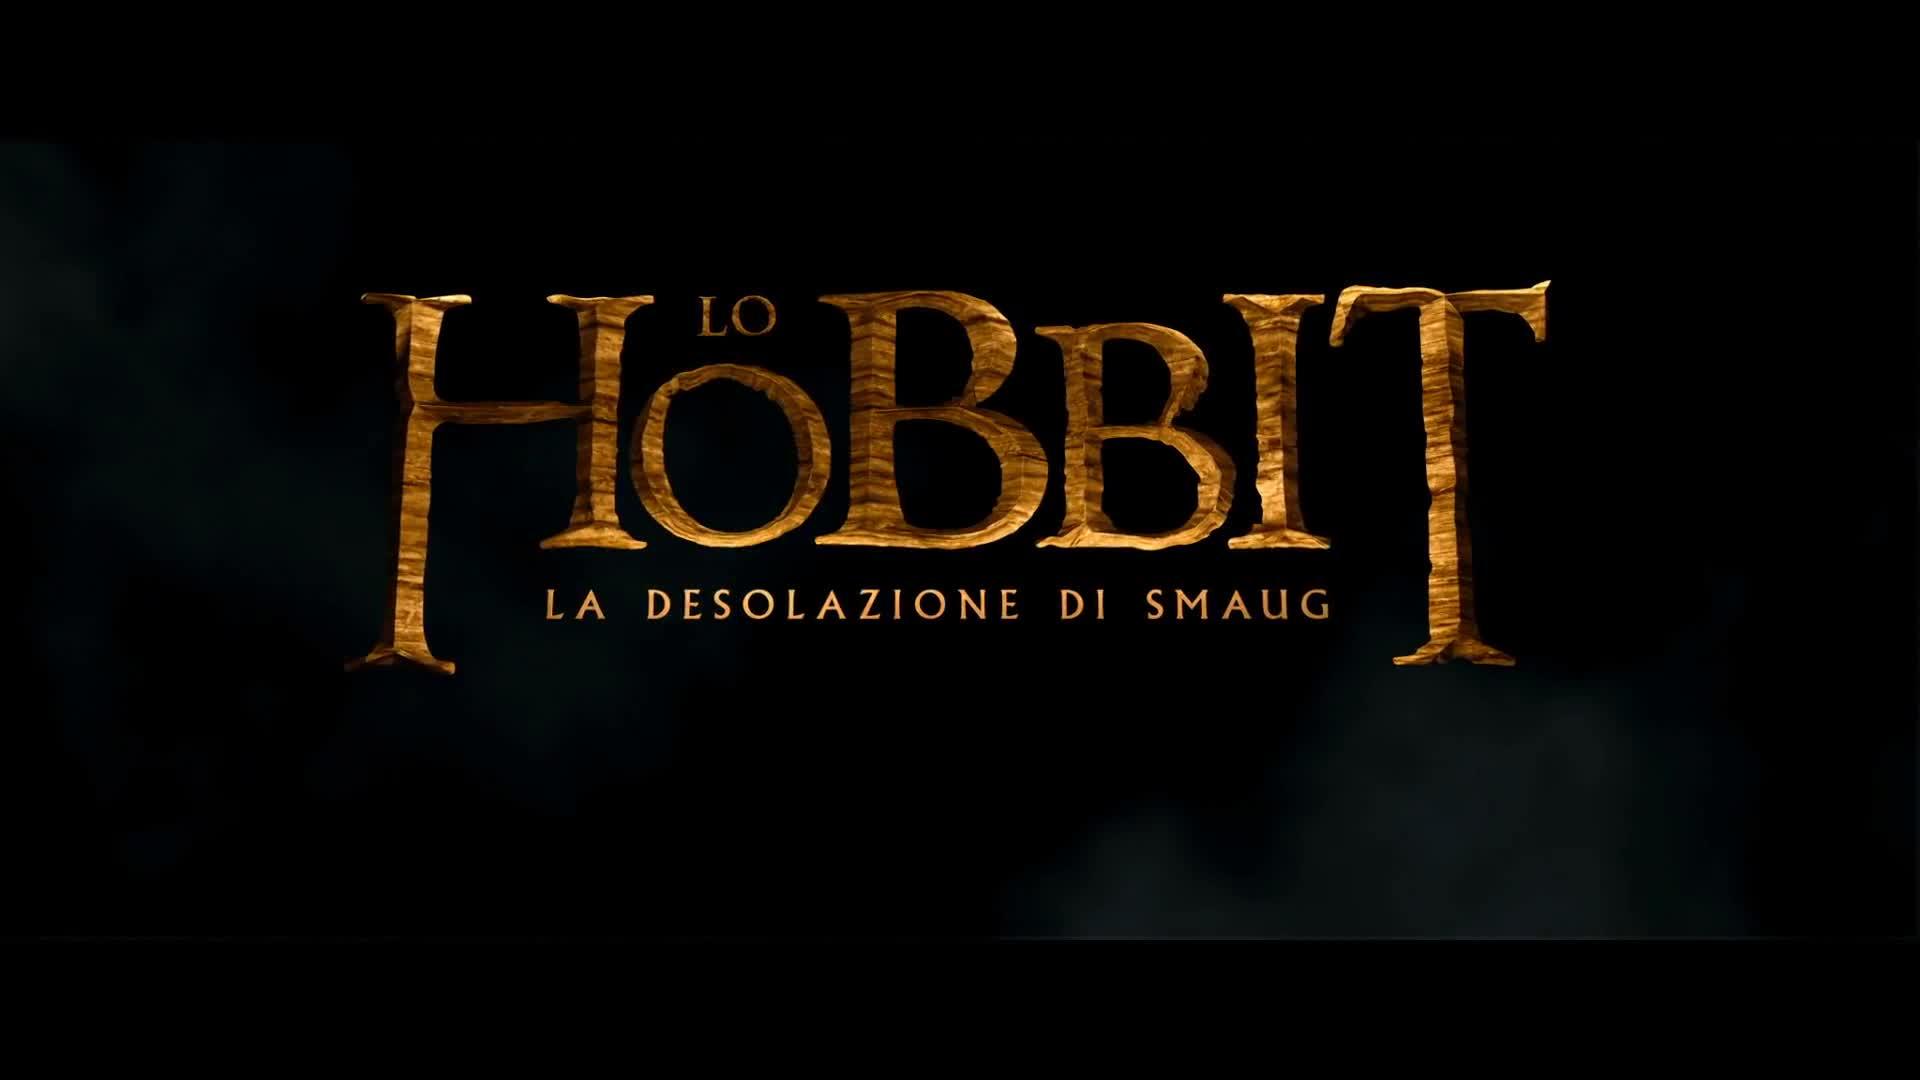 20130613161610Lo Hobbit 2